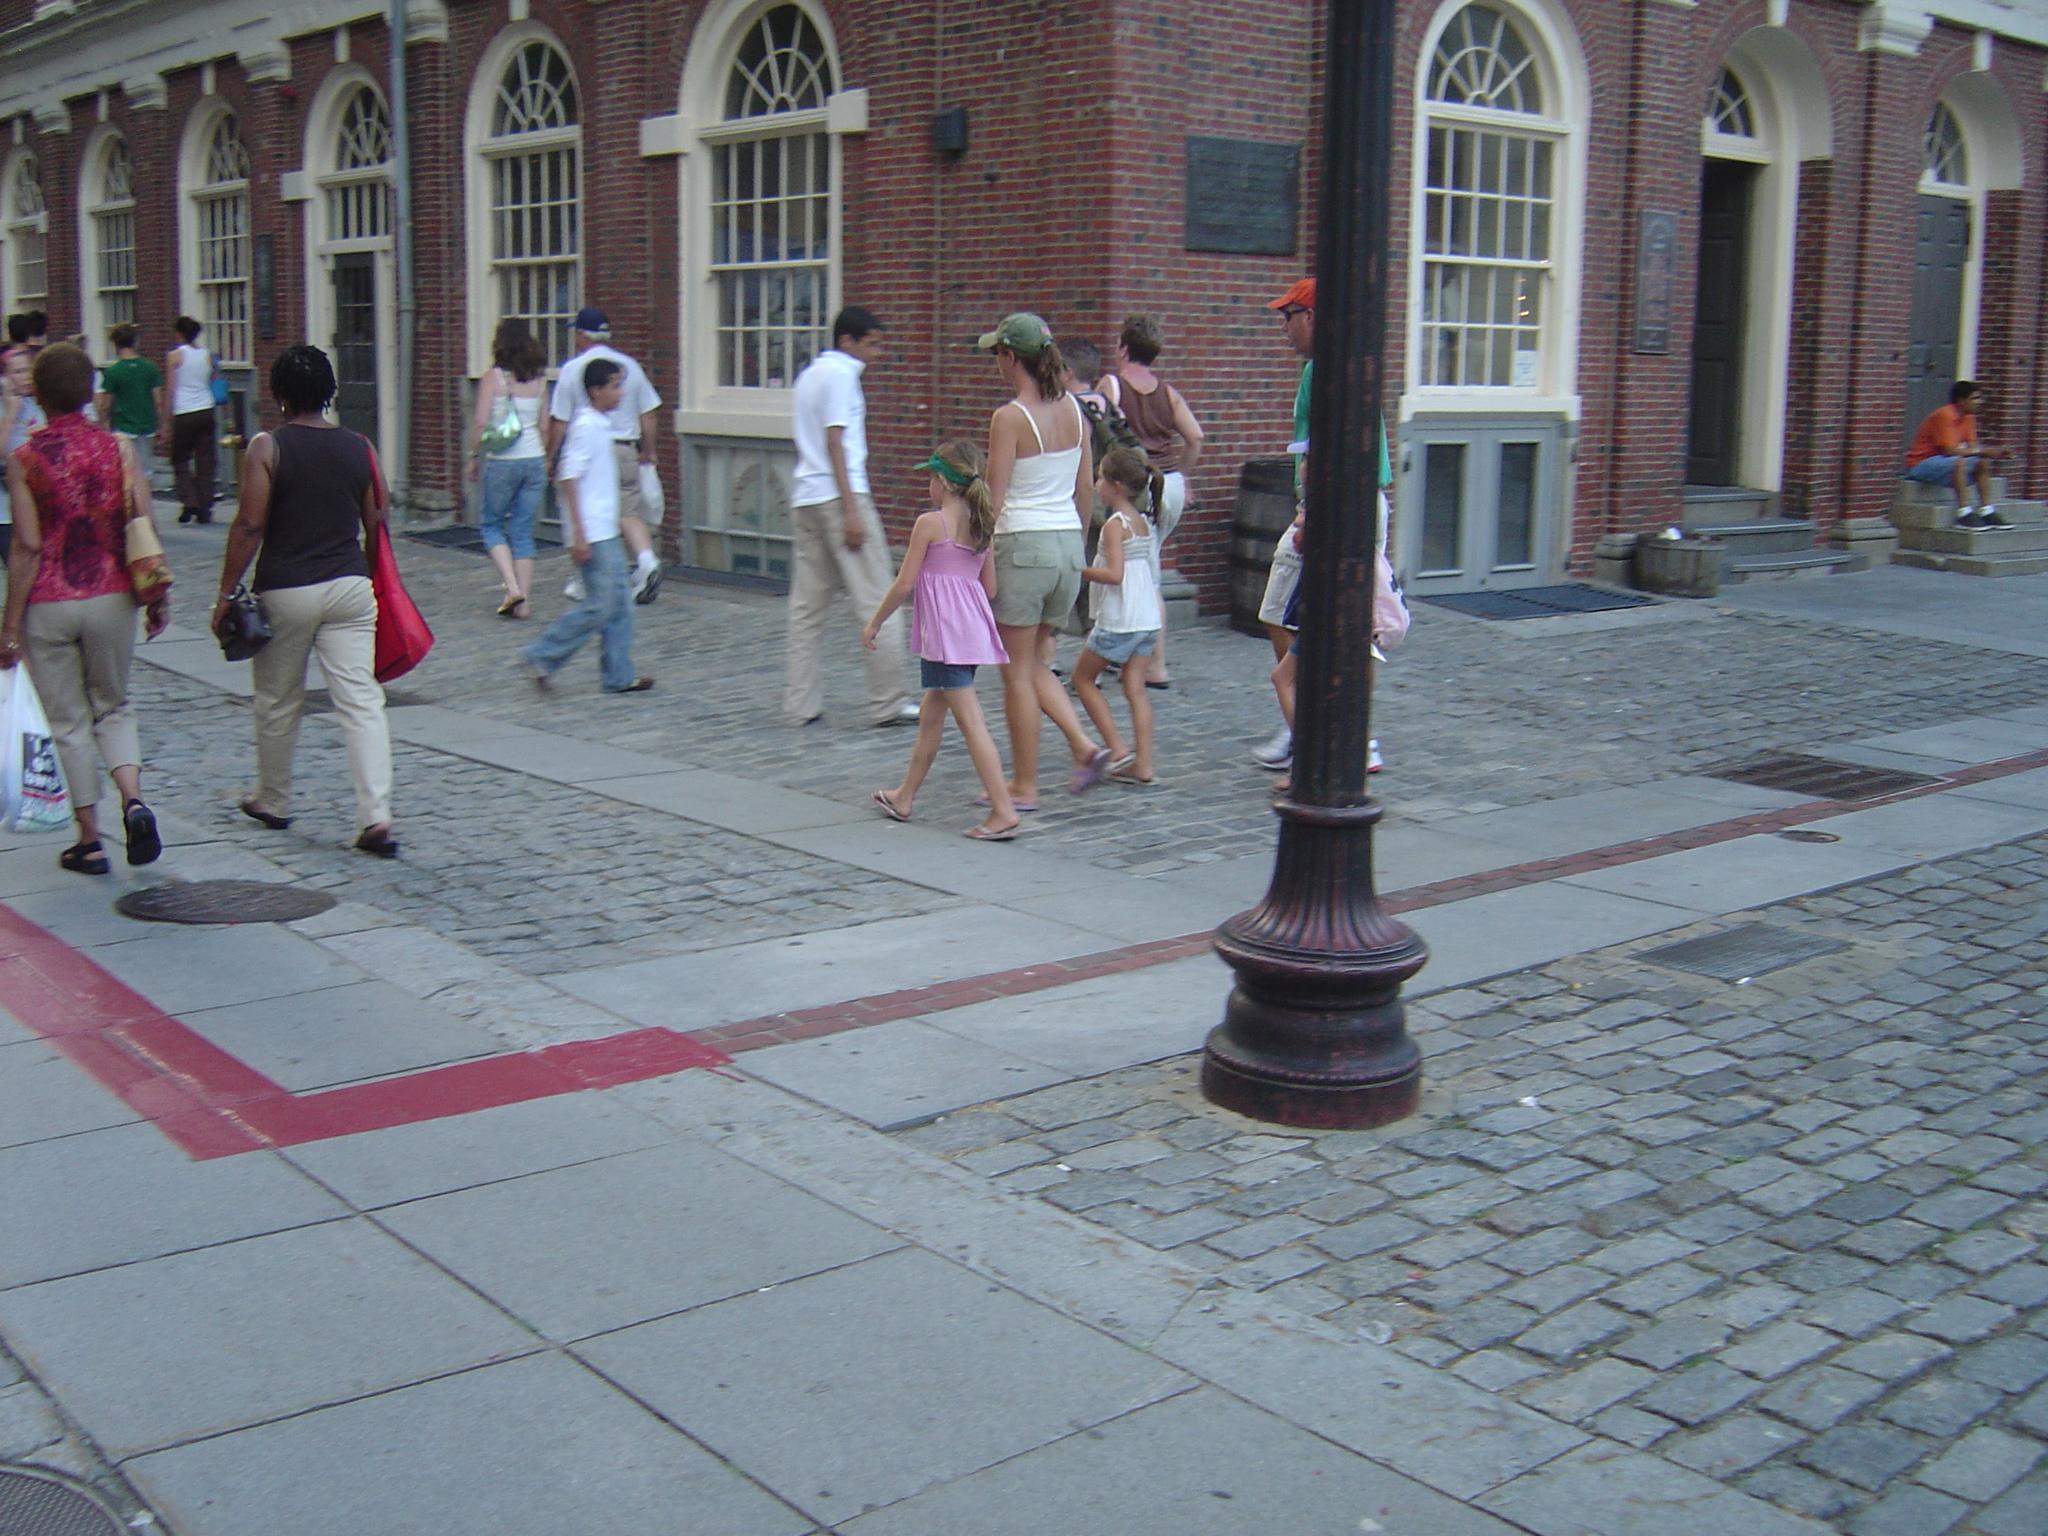 Red Tour Boston